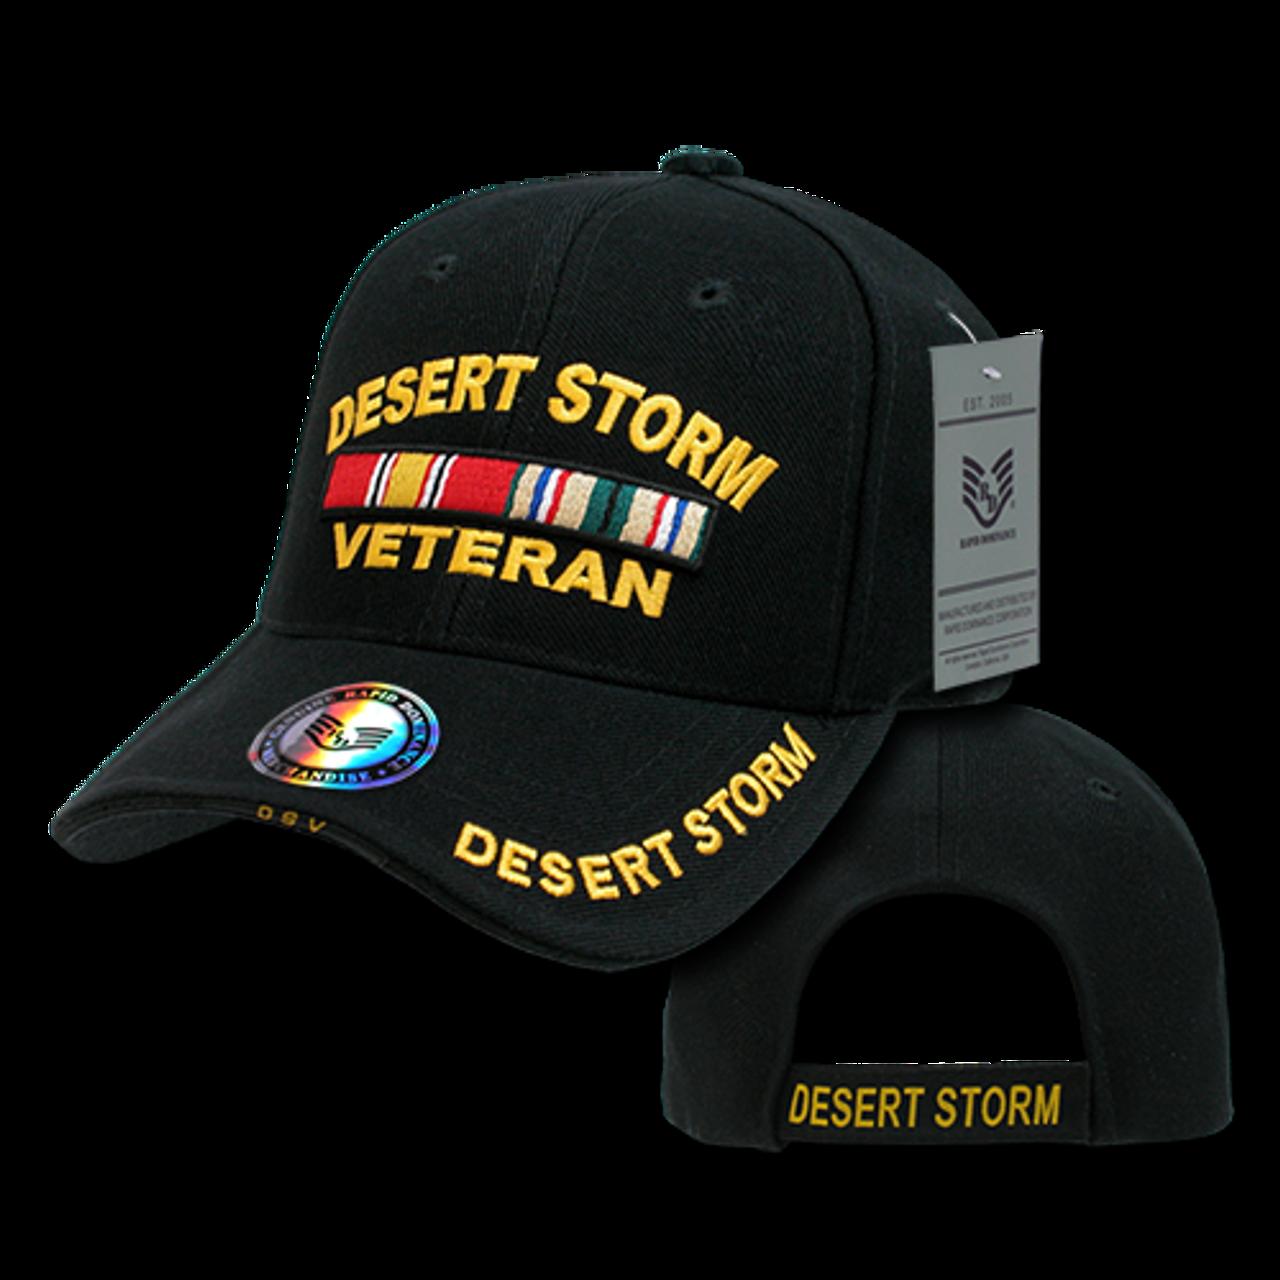 RD - Military Cap - Desert Storm Veteran - Black - USMILITARYHATS.COM 23579d8a435a